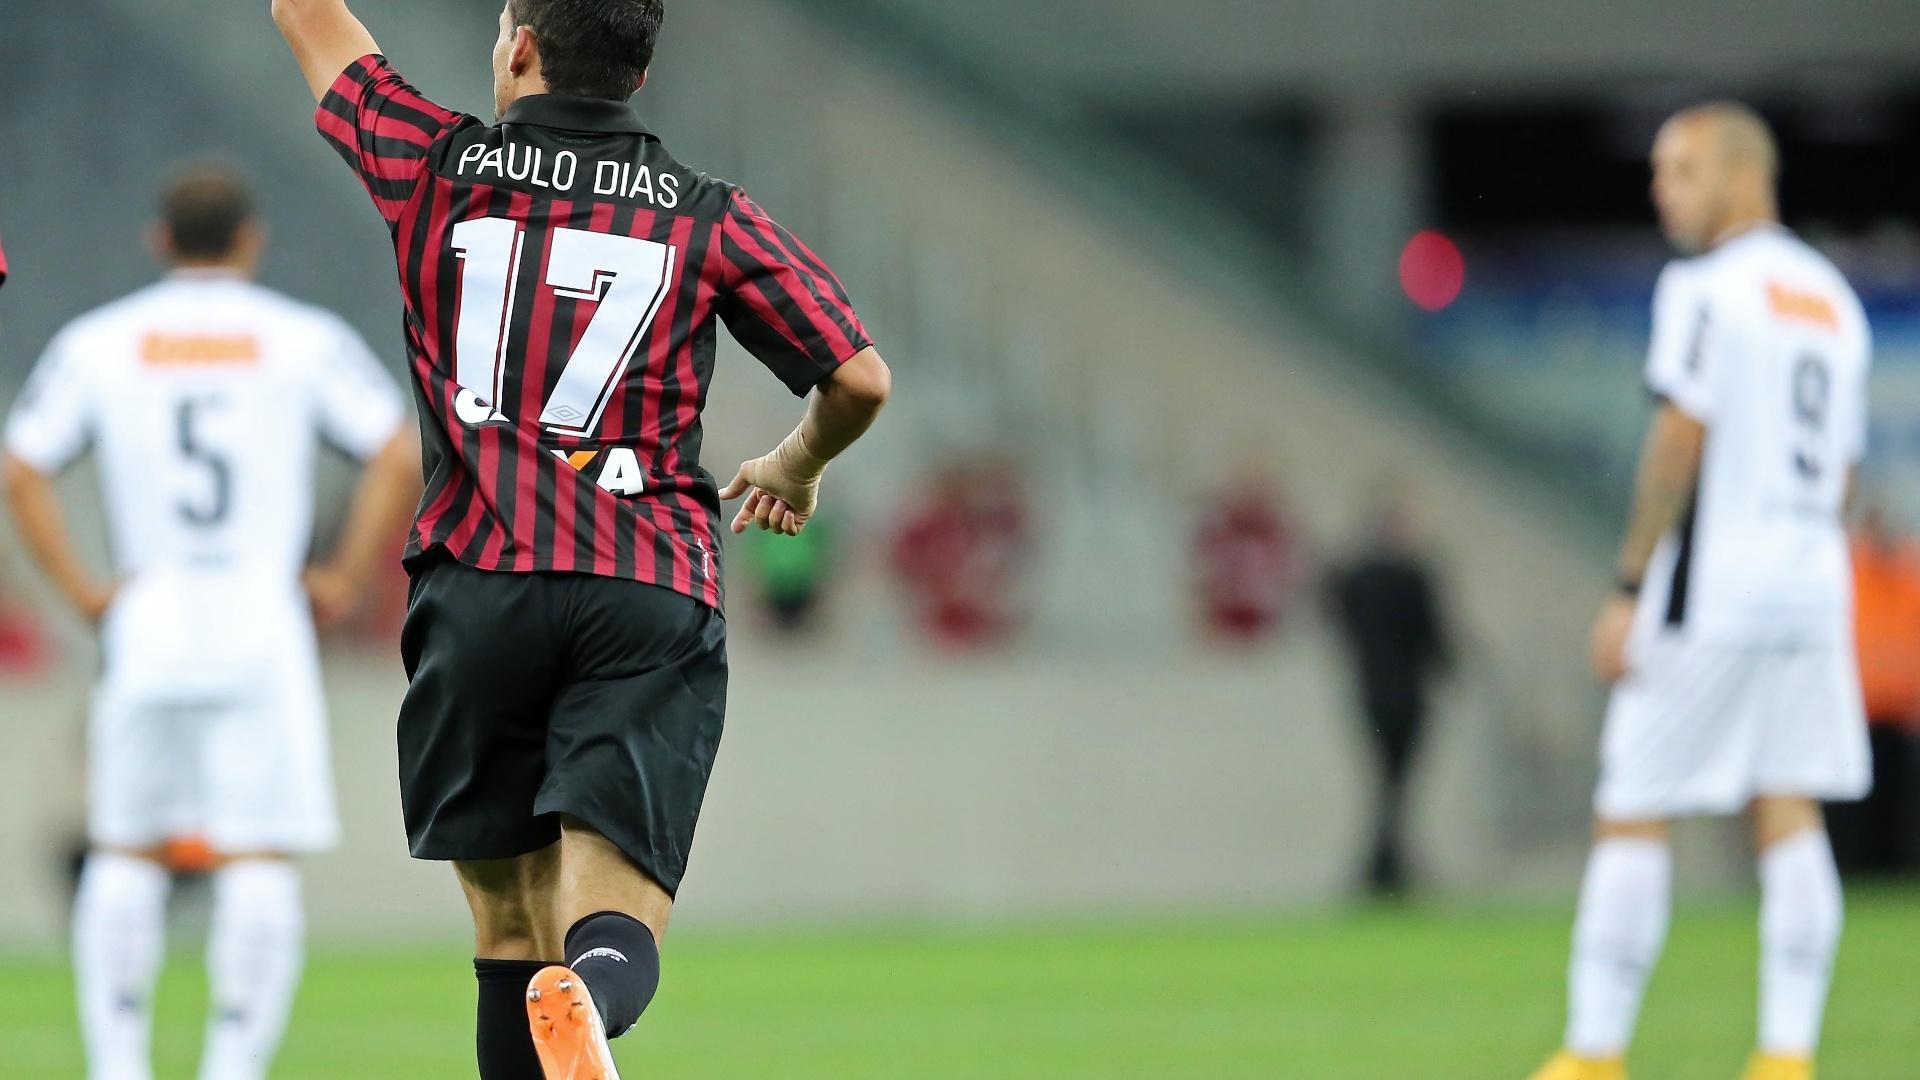 Paulinho Dias comemora gol do Atlético-PR contra o Atlético-MG